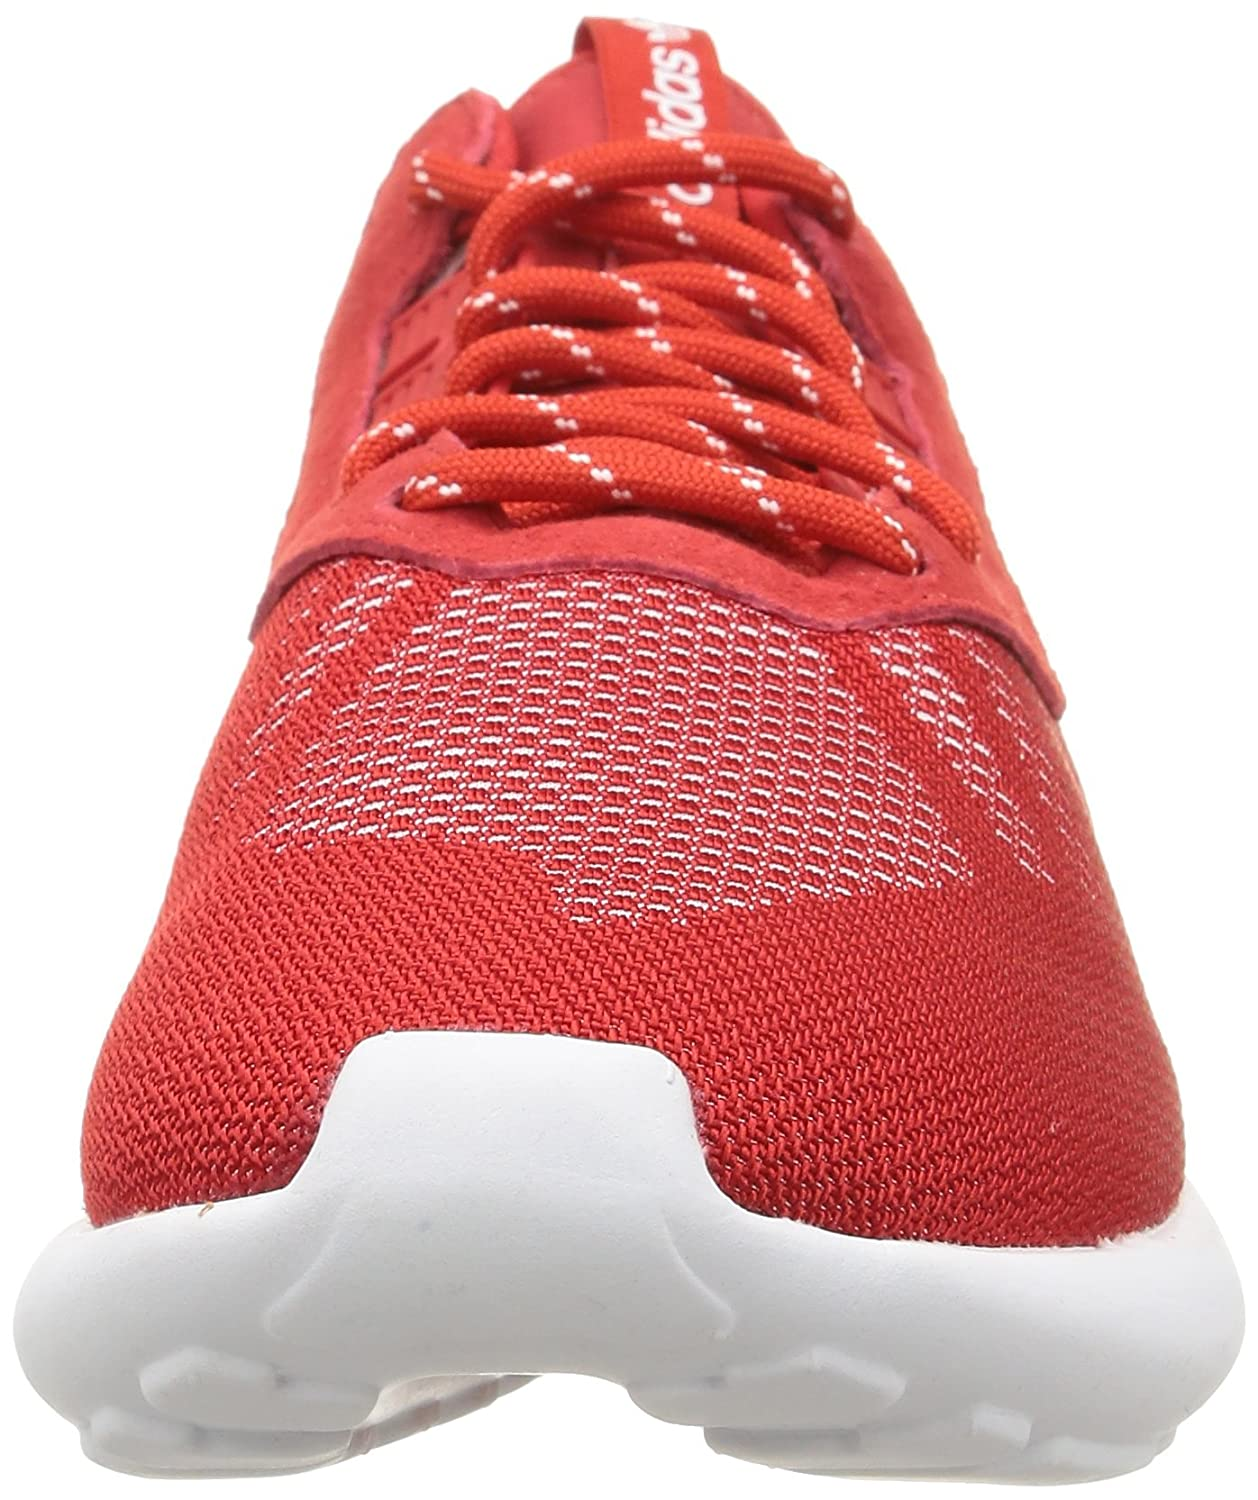 Adidas Tubular Runner Amazon